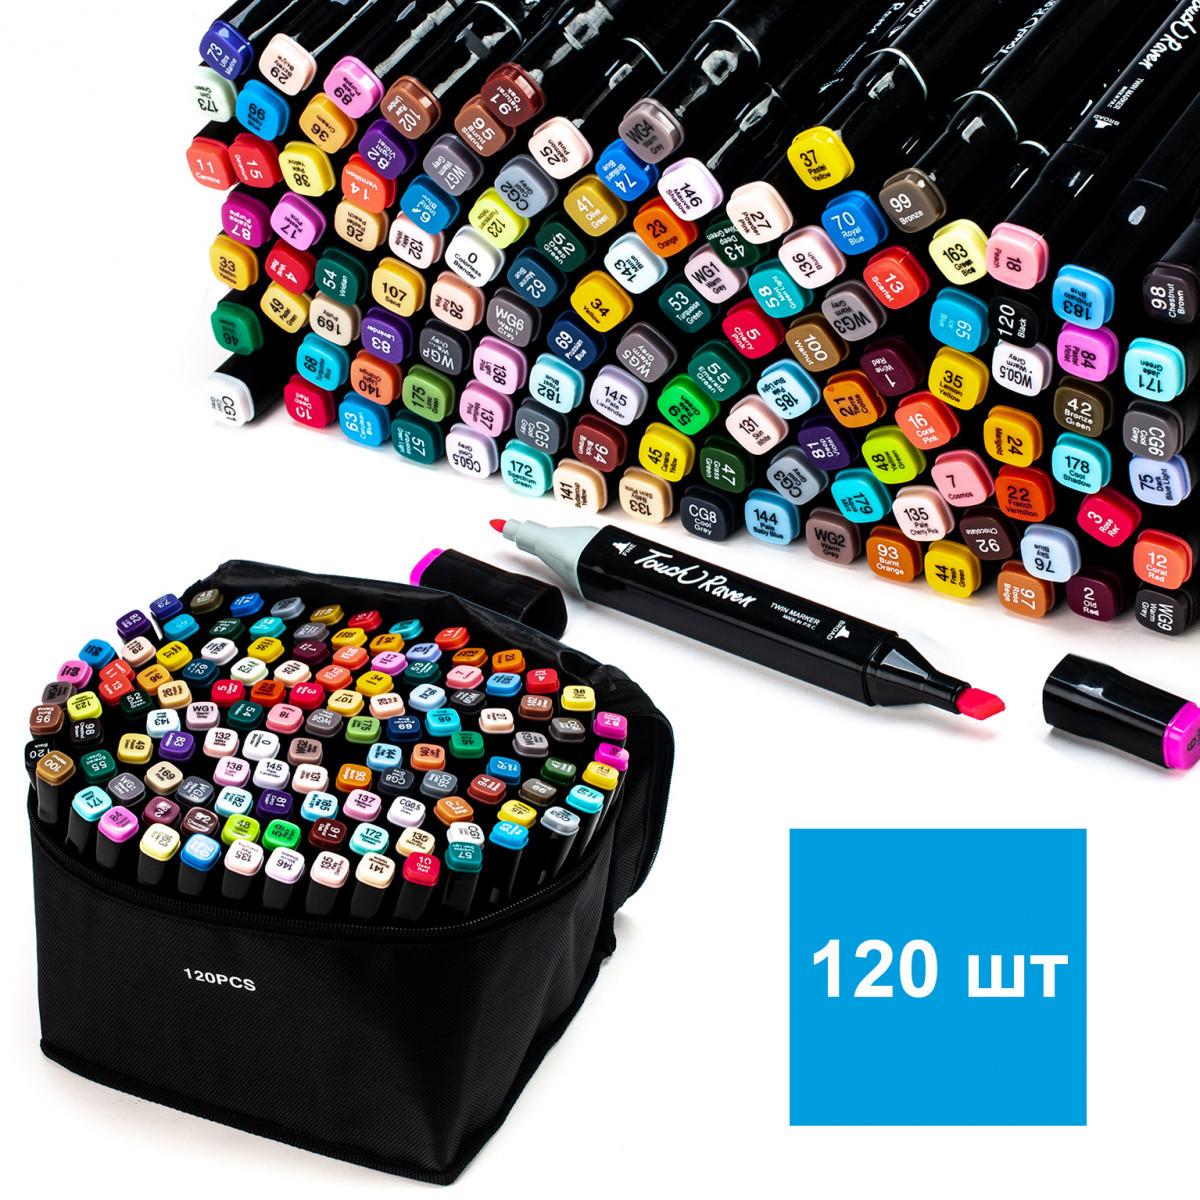 Набор маркеров для скетчинга 120шт Touch. Двухсторонние маркеры на спиртовой основе. Скетч-маркеры